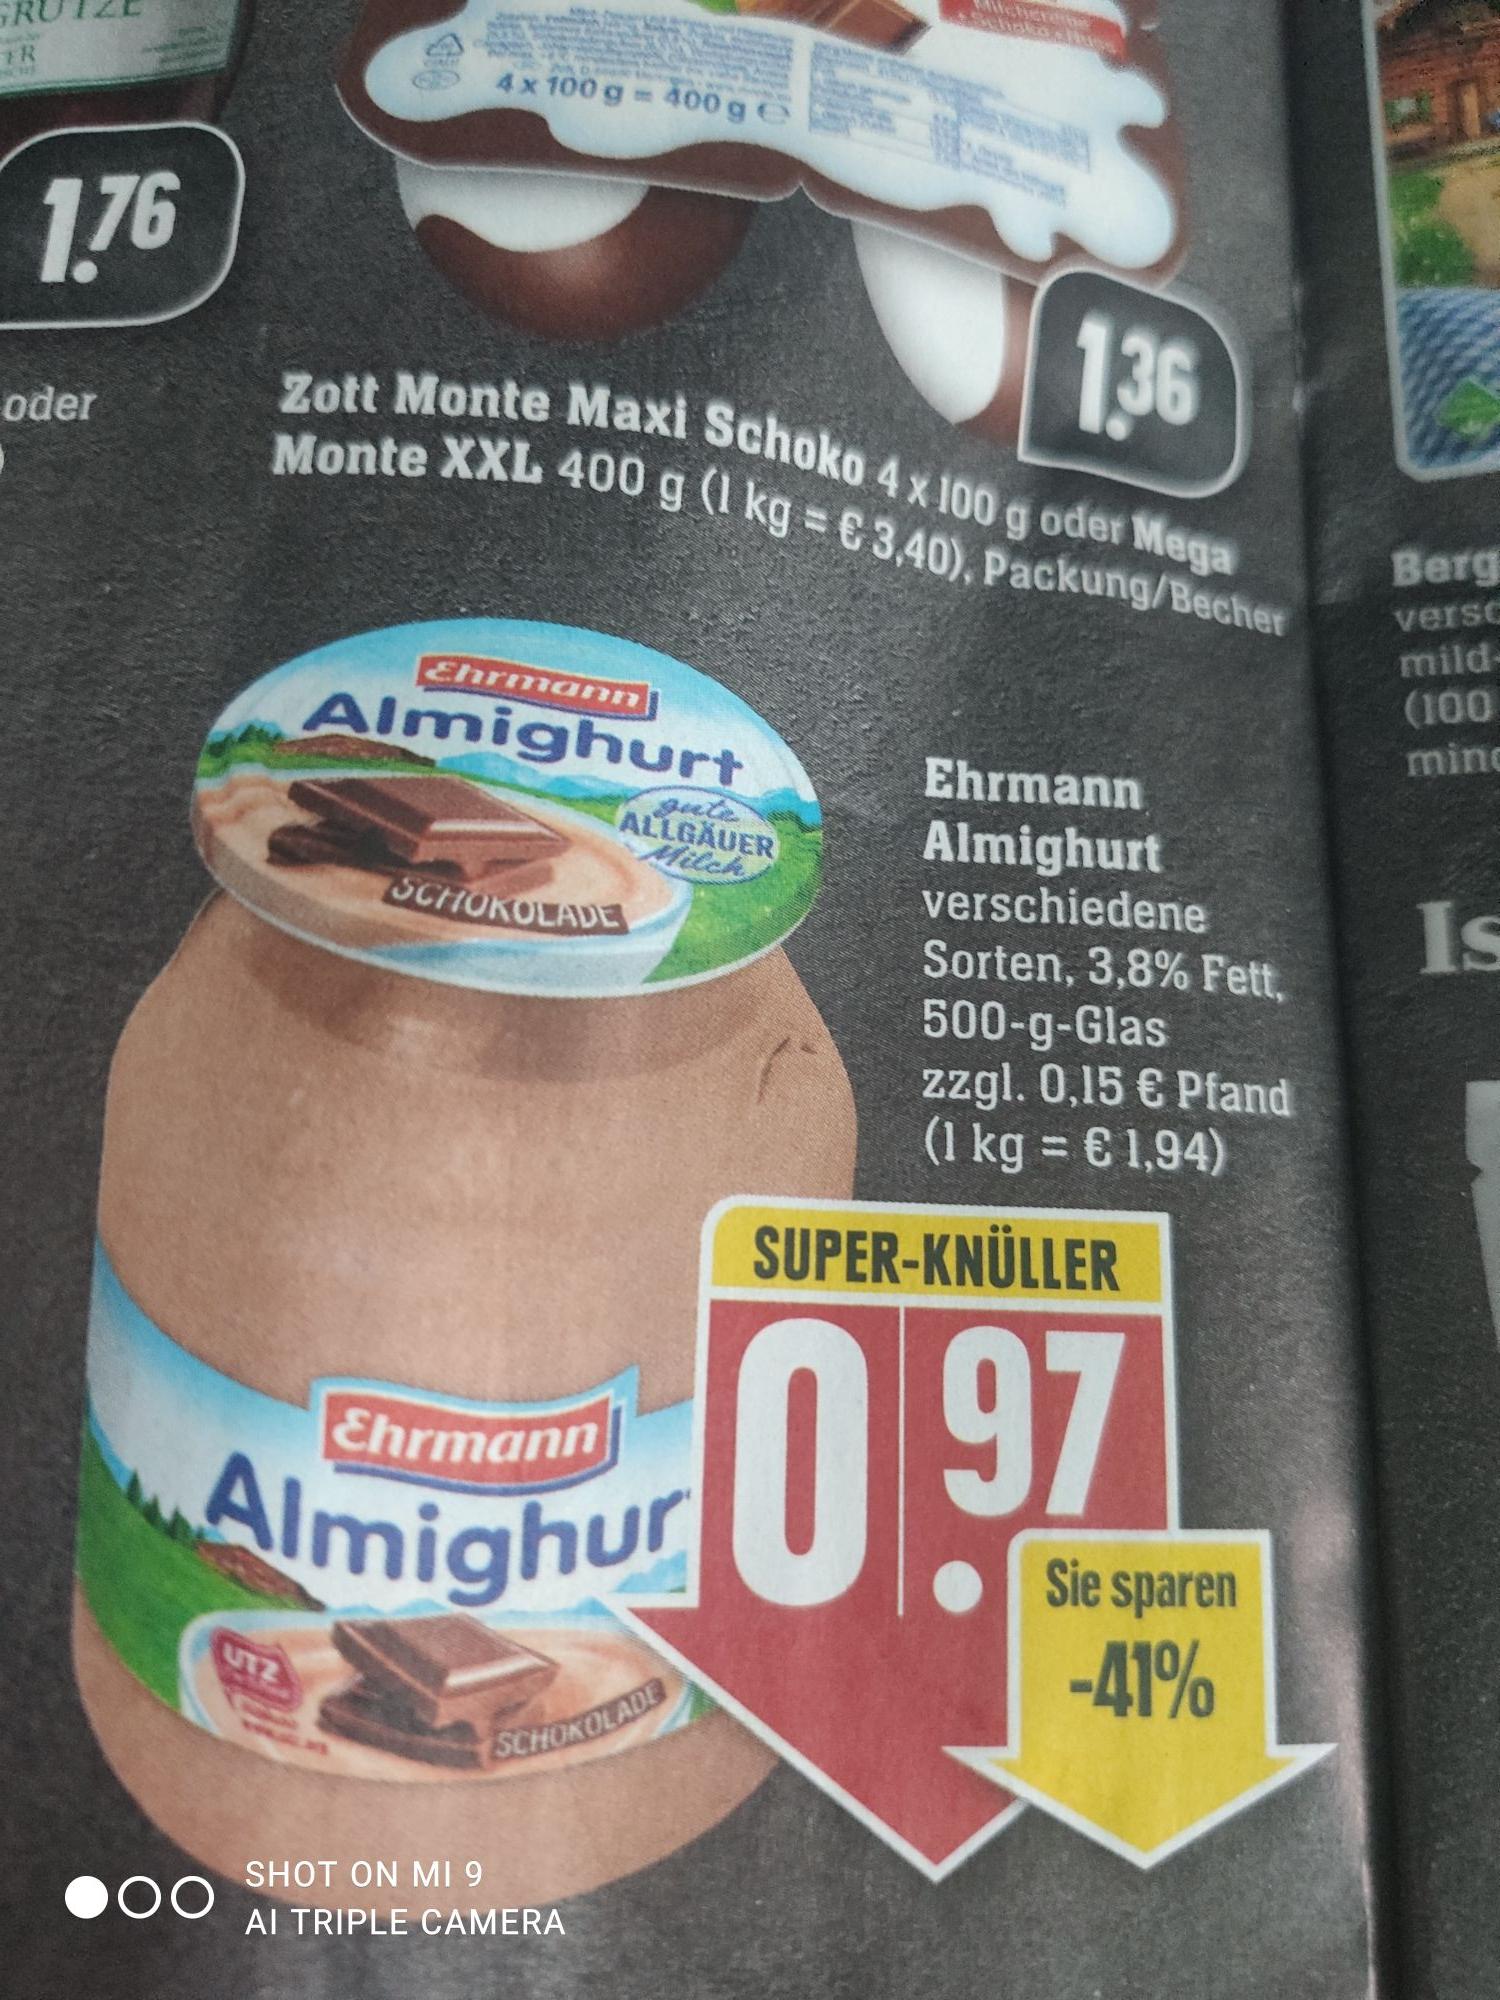 [EDEKA Südwest] Ehrmann Almighurt im Mehrweg-Glas für 0,97€